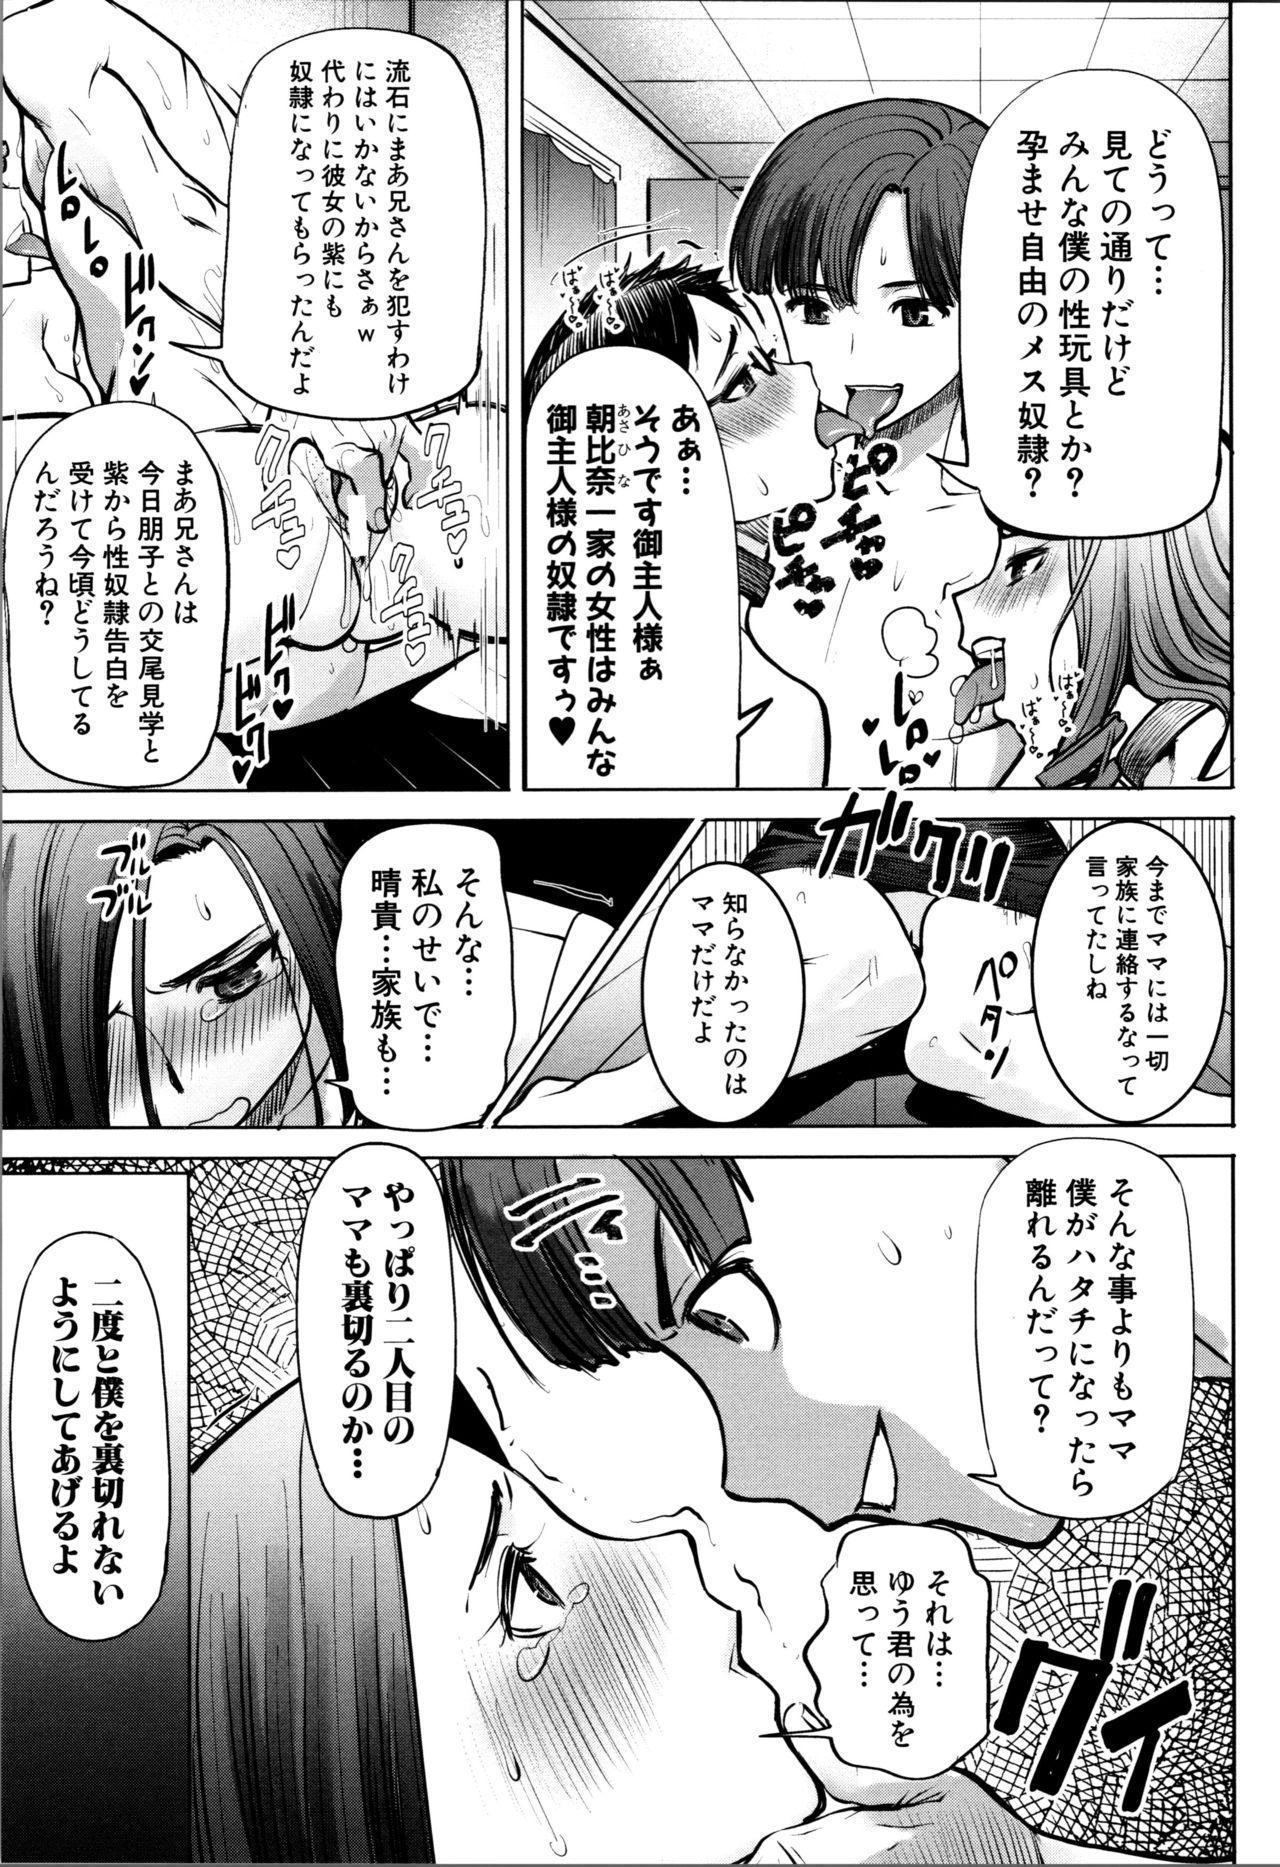 Unsweet - Asahina Ikka Netorareta Haha · Tomoko 184